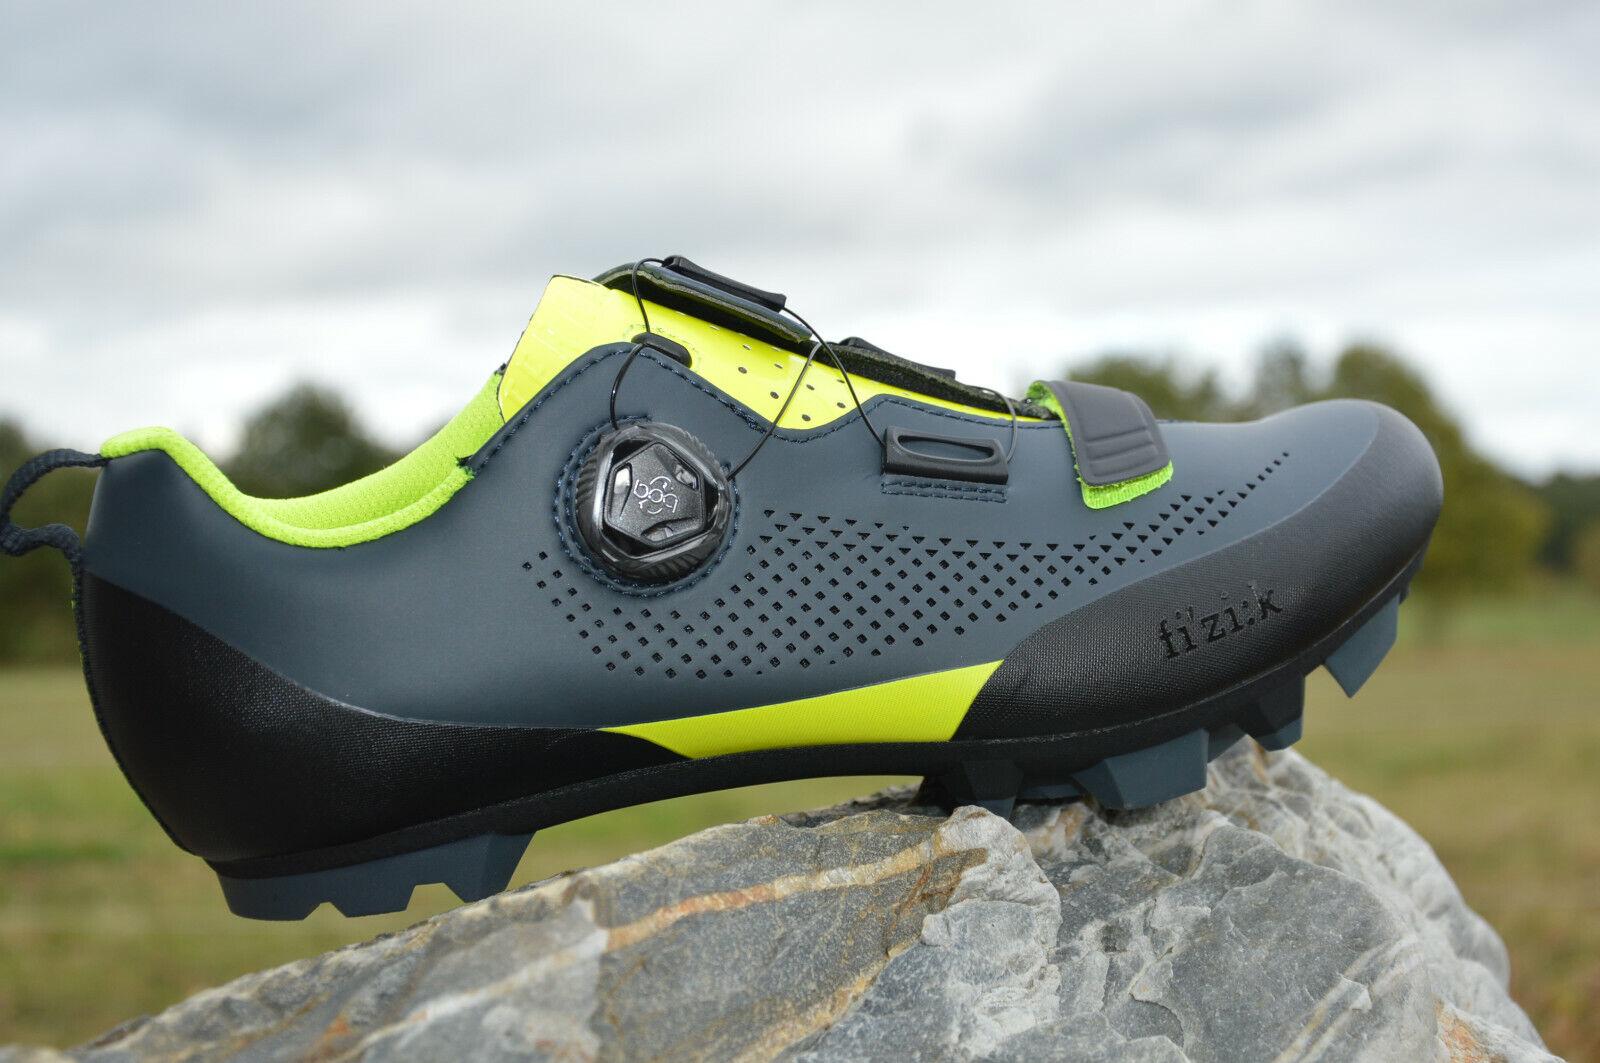 Fizik X 5 Terra de Plumas Boa L6 MTB Zapatos Cochebon Suela Agarre gris-Neon Nuevo